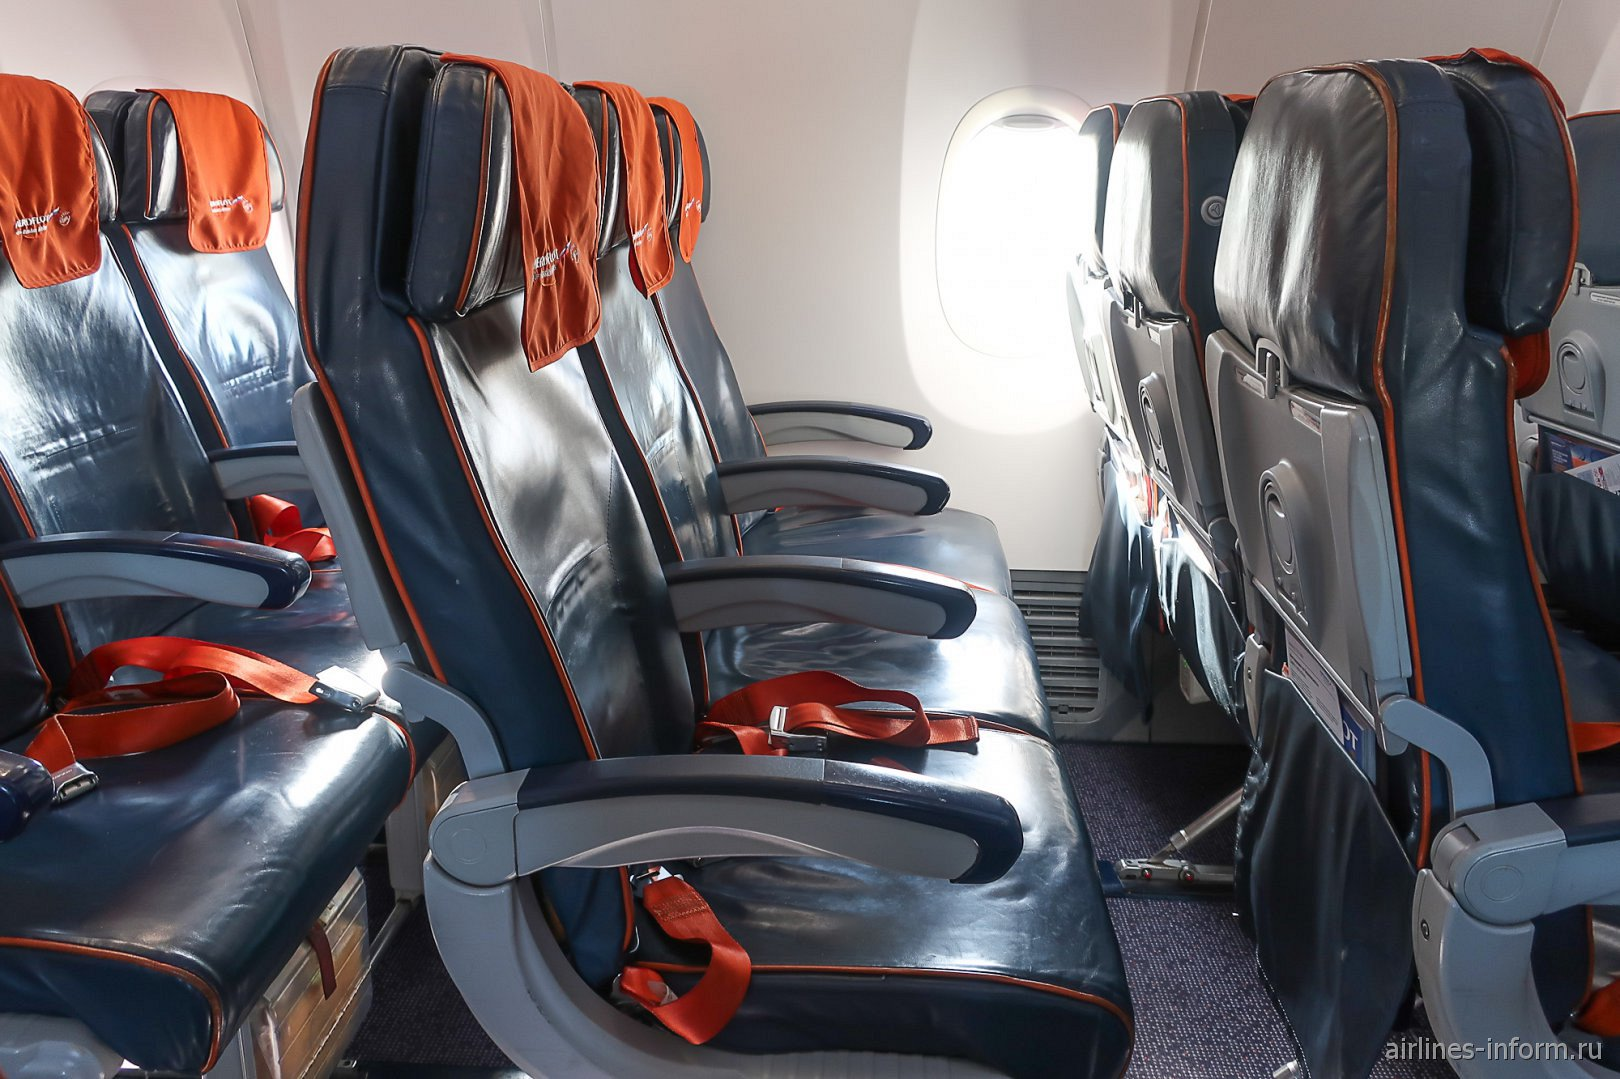 Пассажирские кресла в самолете Боинг-737-800 Аэрофлота